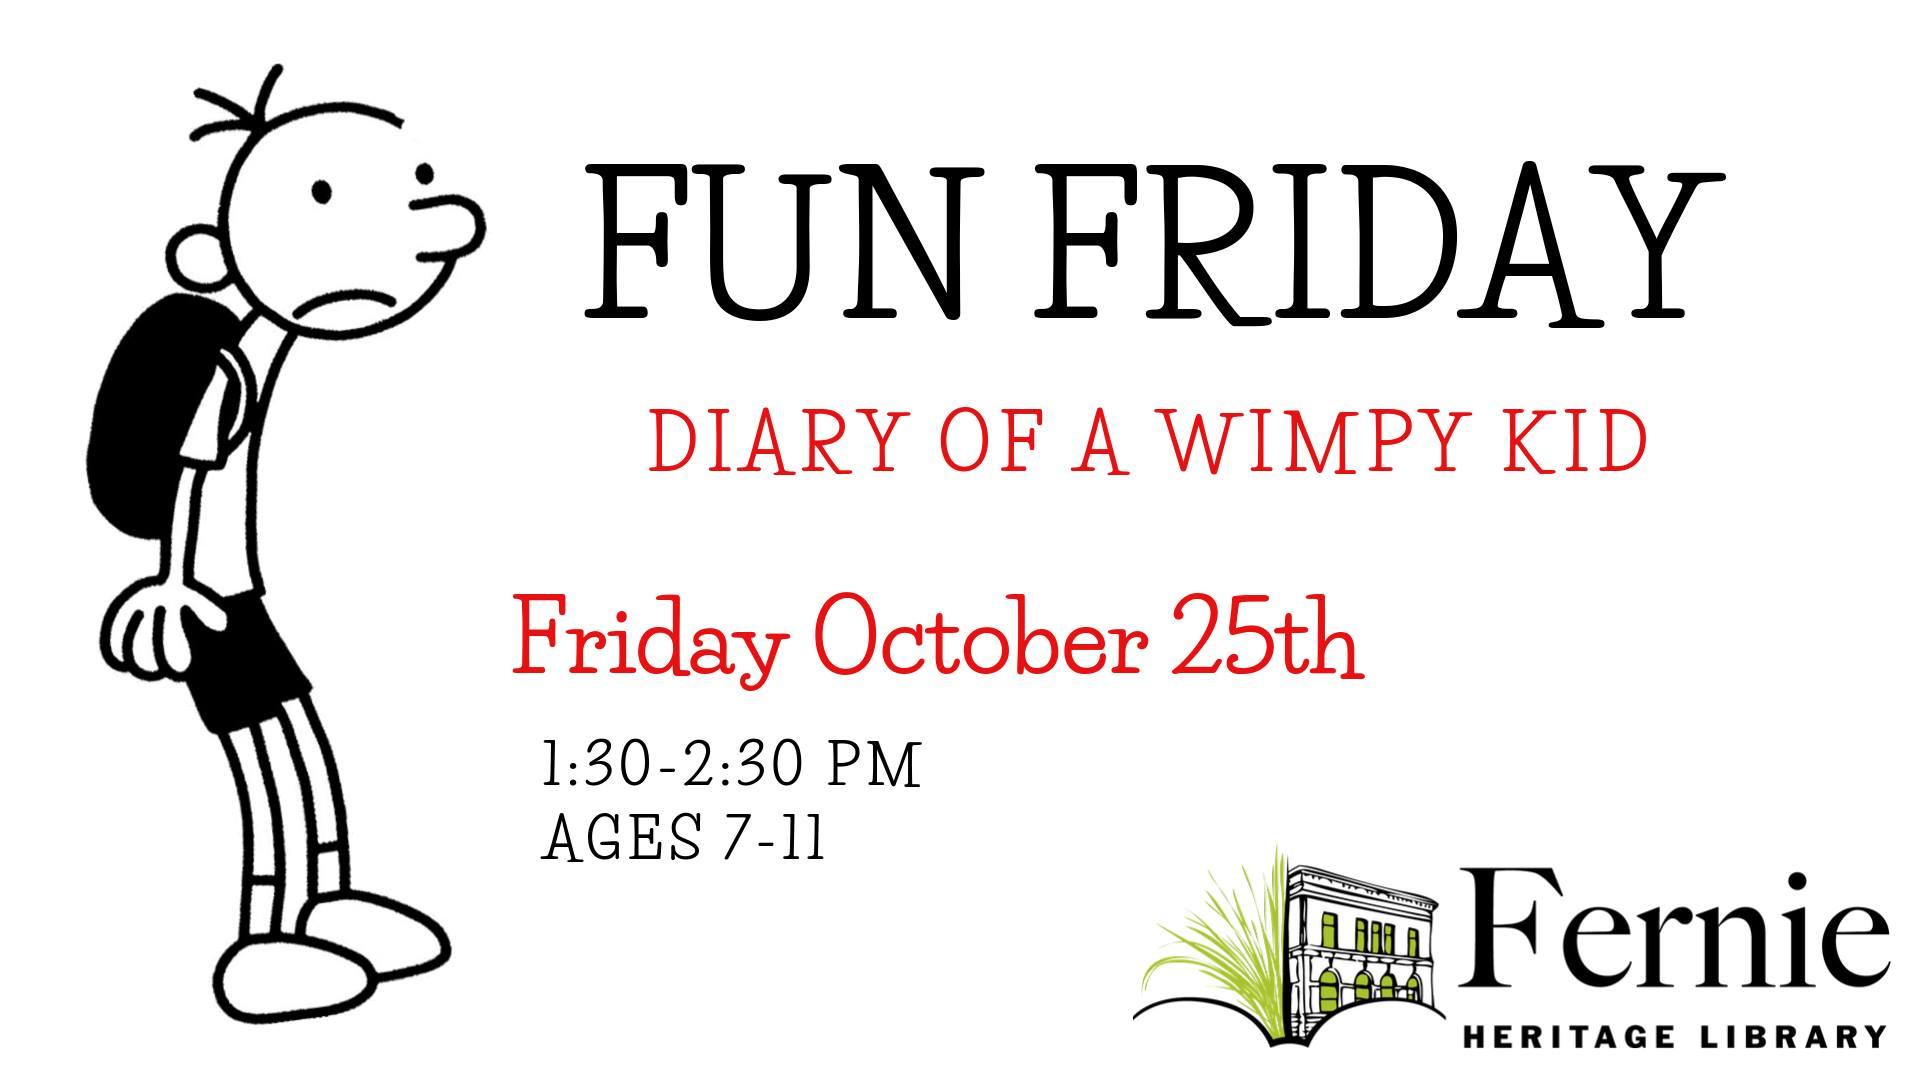 Fun Friday Diary Of A Wimpy Kid Fernie Fix Lifestyle Magazine